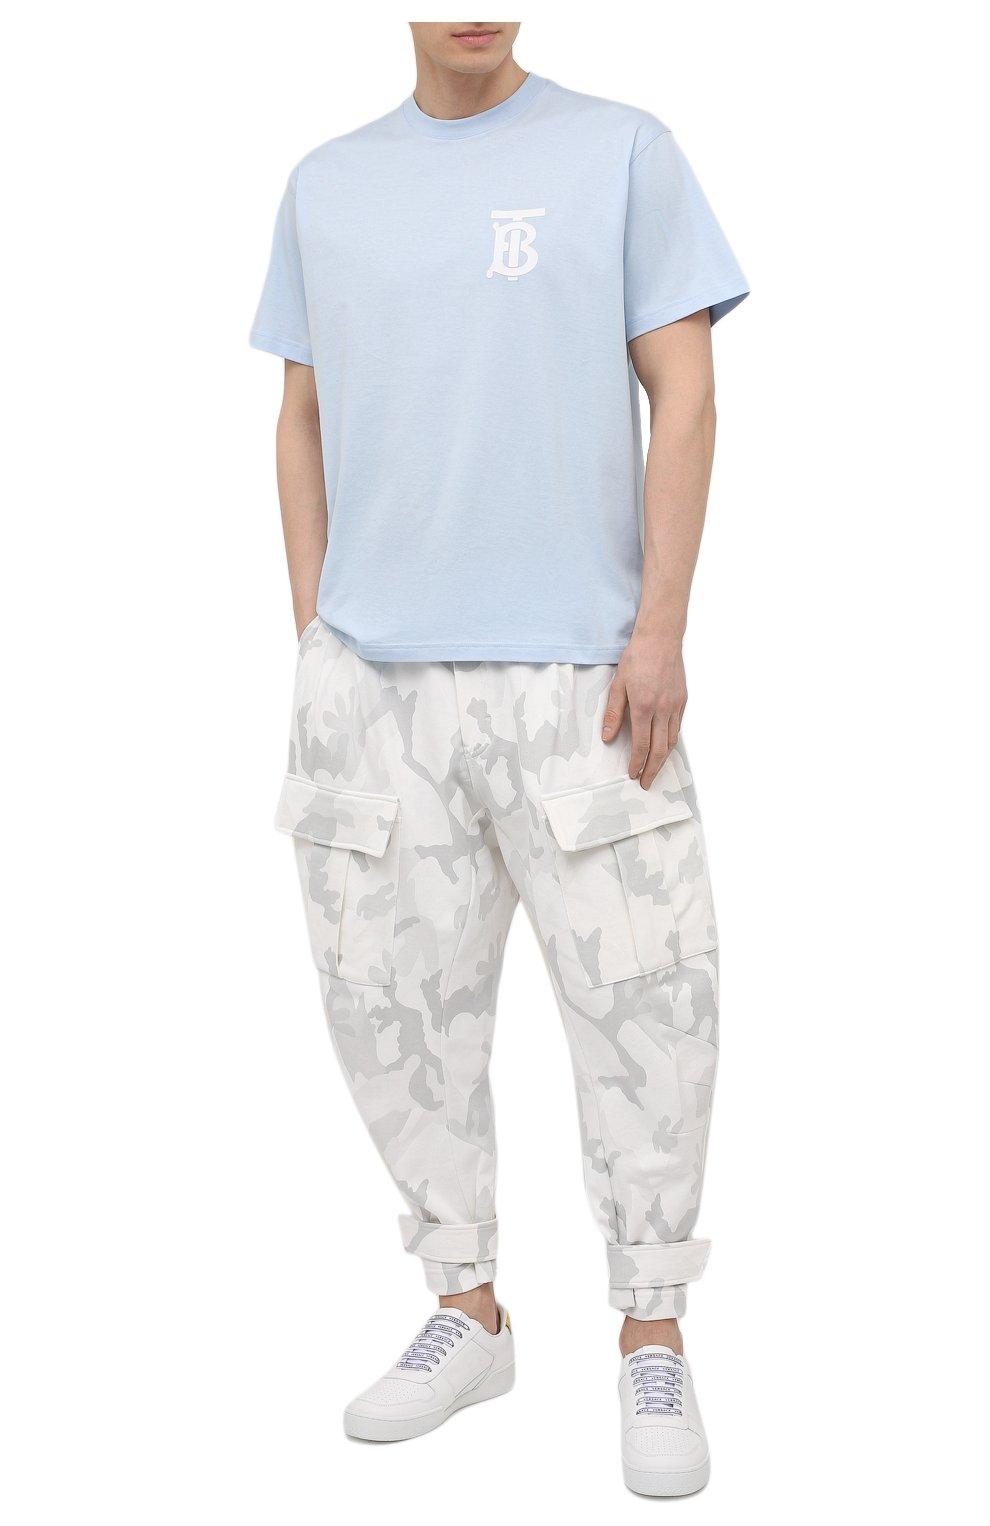 Мужская хлопковая футболка BURBERRY голубого цвета, арт. 8040062 | Фото 2 (Принт: Без принта; Рукава: Короткие; Длина (для топов): Стандартные; Материал внешний: Хлопок; Стили: Кэжуэл)